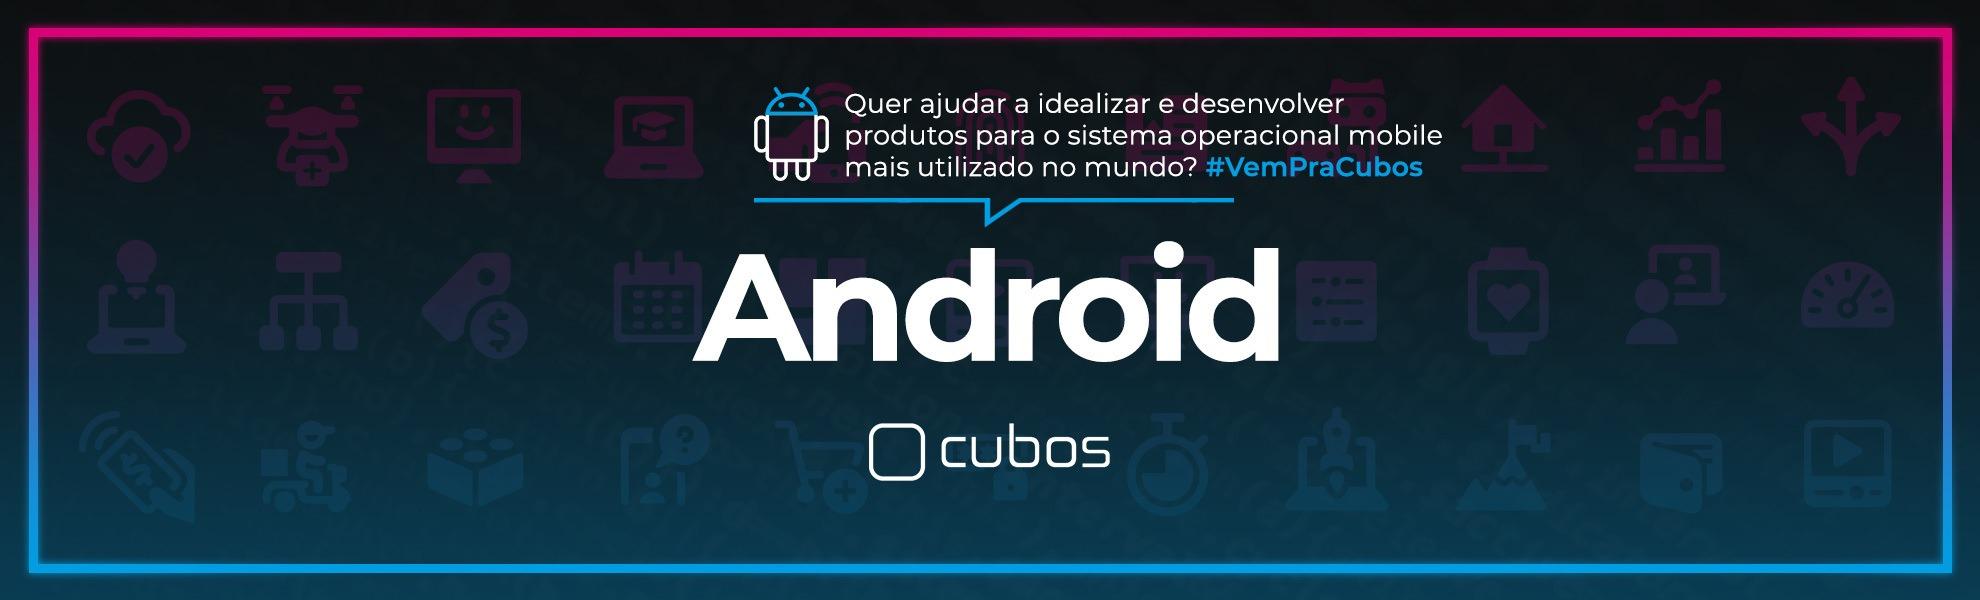 [BANCO DE TALENTOS] Pessoa Desenvolvedora Android